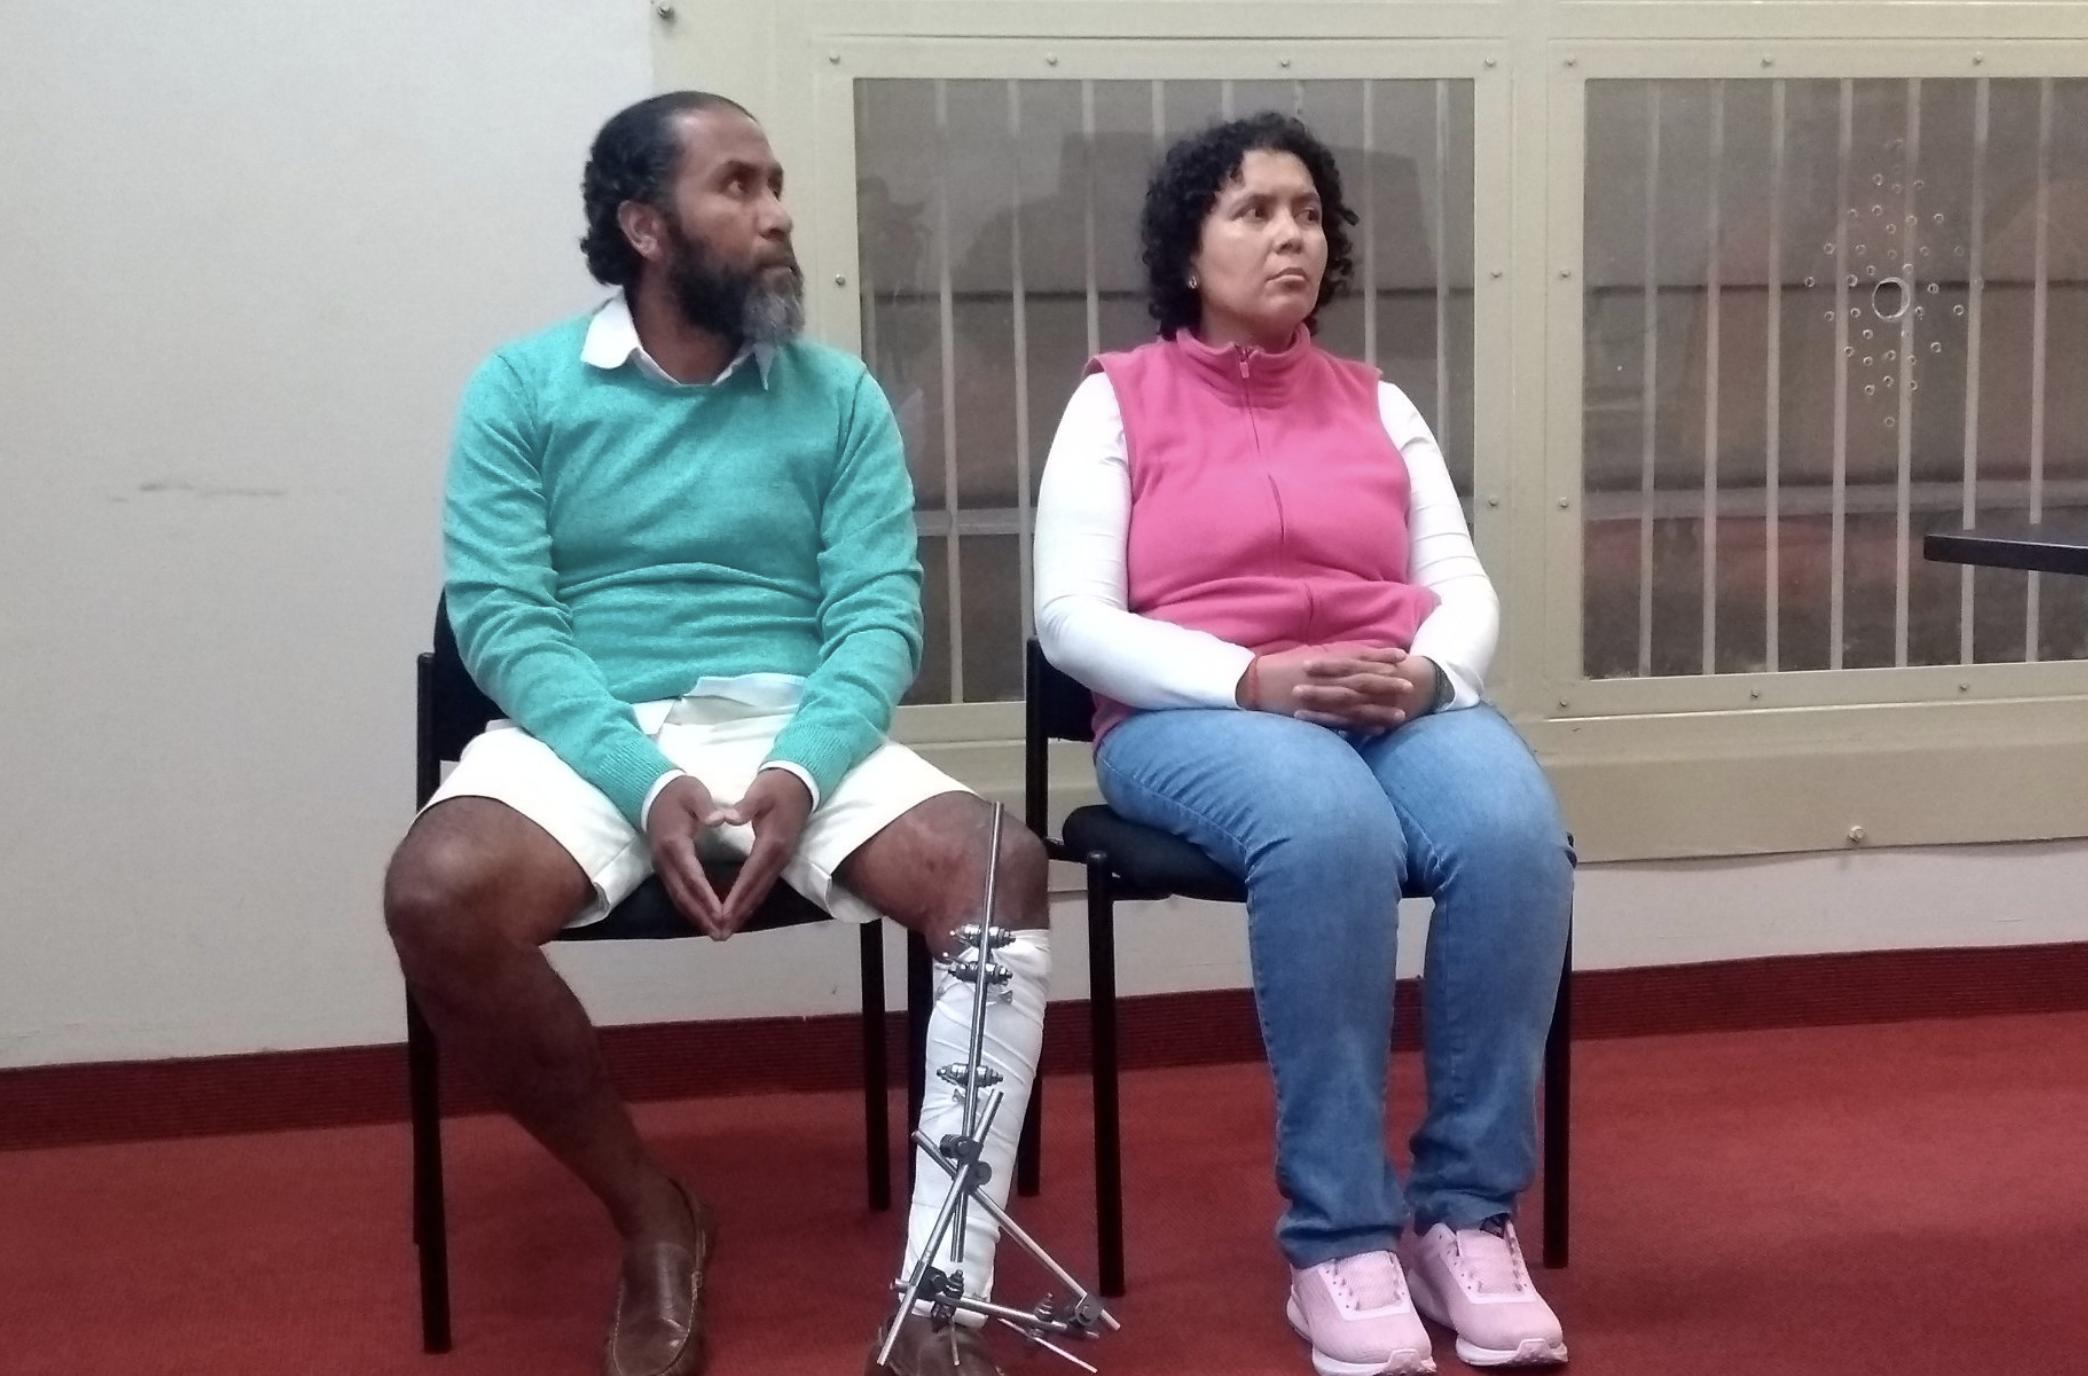 Condenan a 9 años de cárcel a hermanos que causaron explosiones en la clínica Ricardo Palma [FOTOS] - Diario Perú21